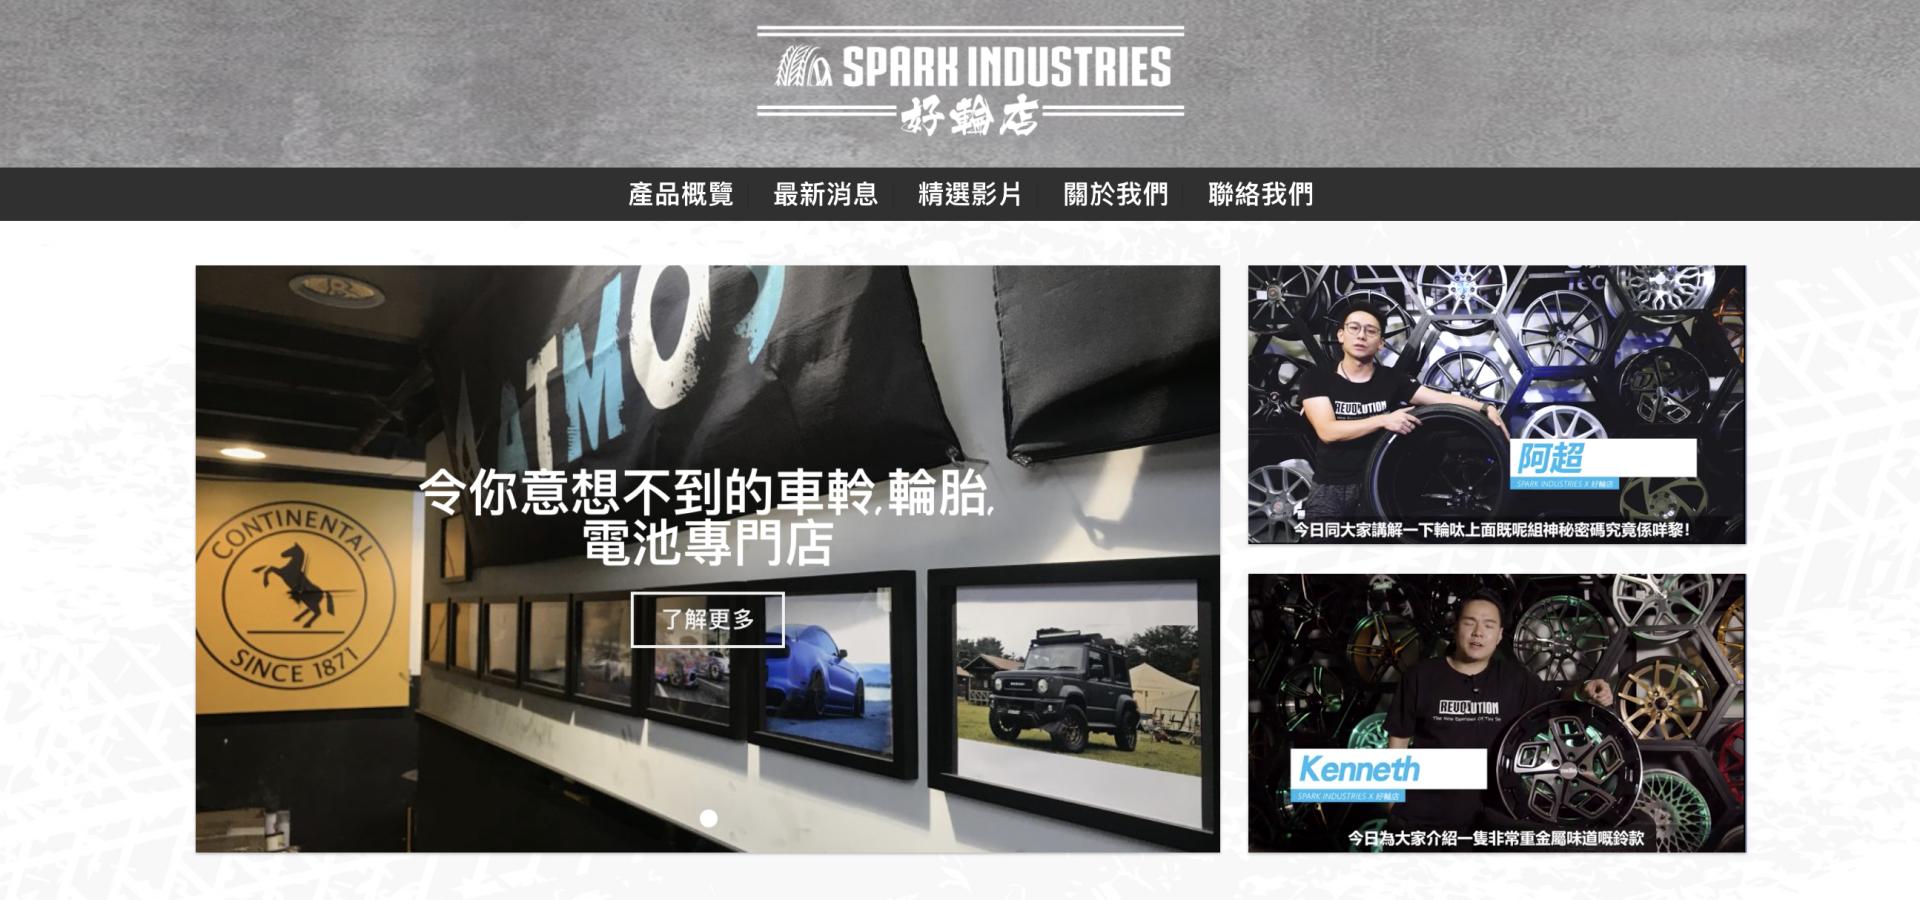 網頁設計 sparkindustry